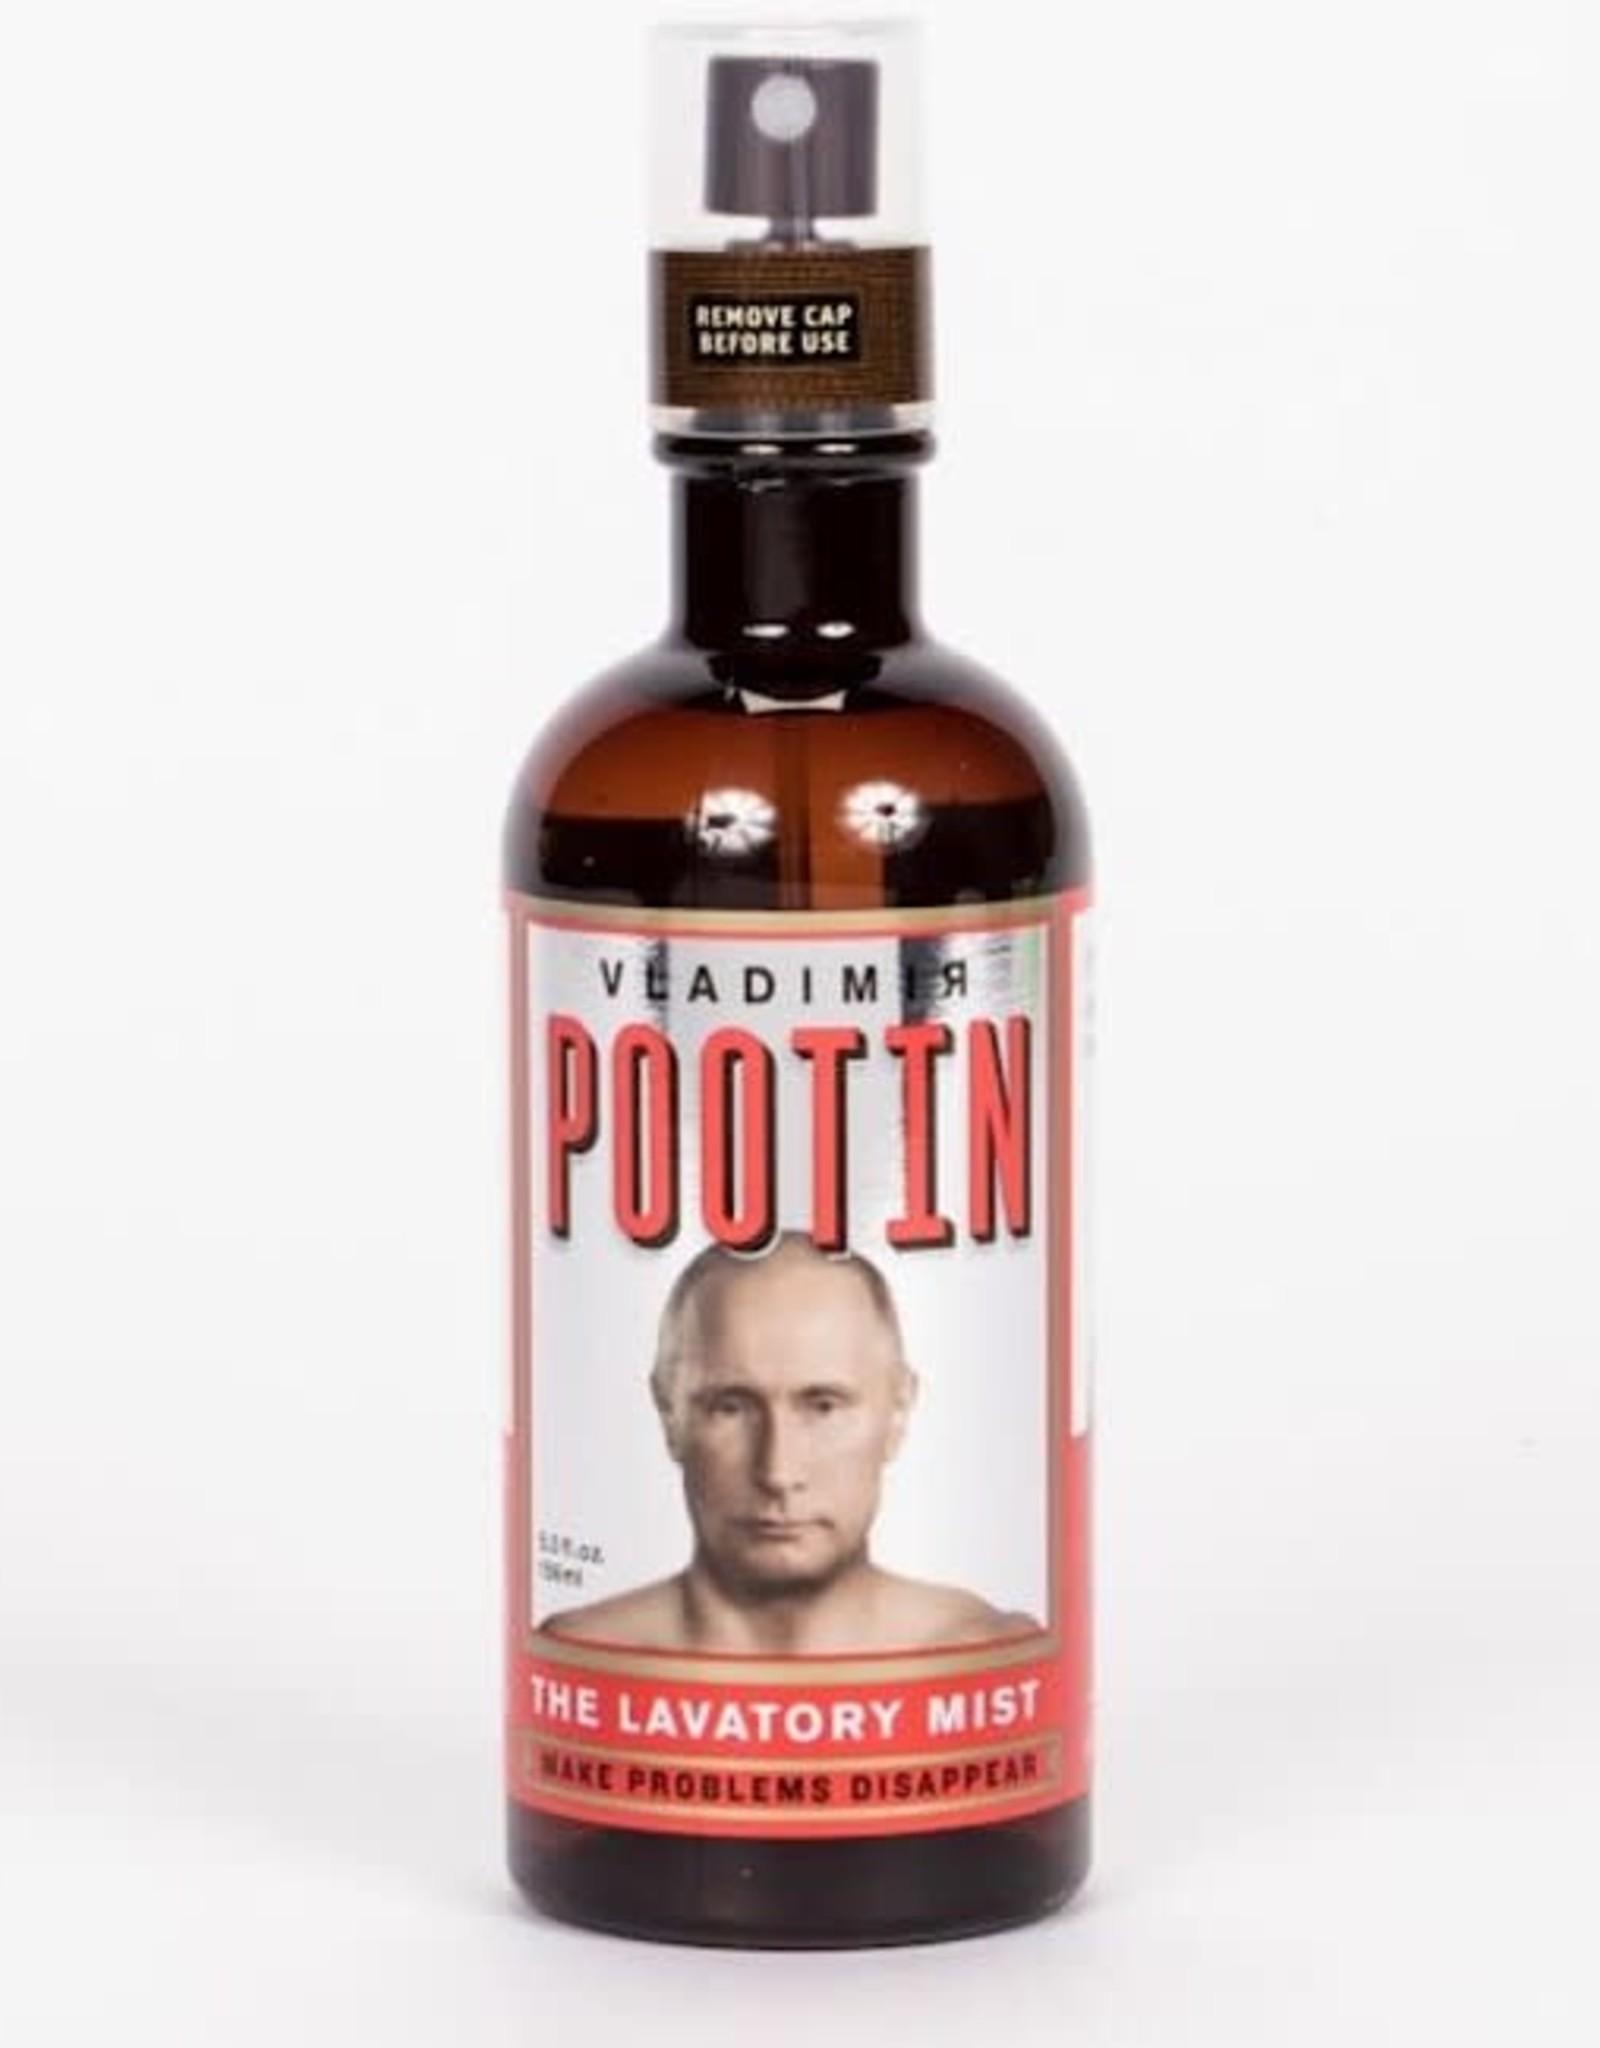 Bathroom Spray - Vladimir Pootin